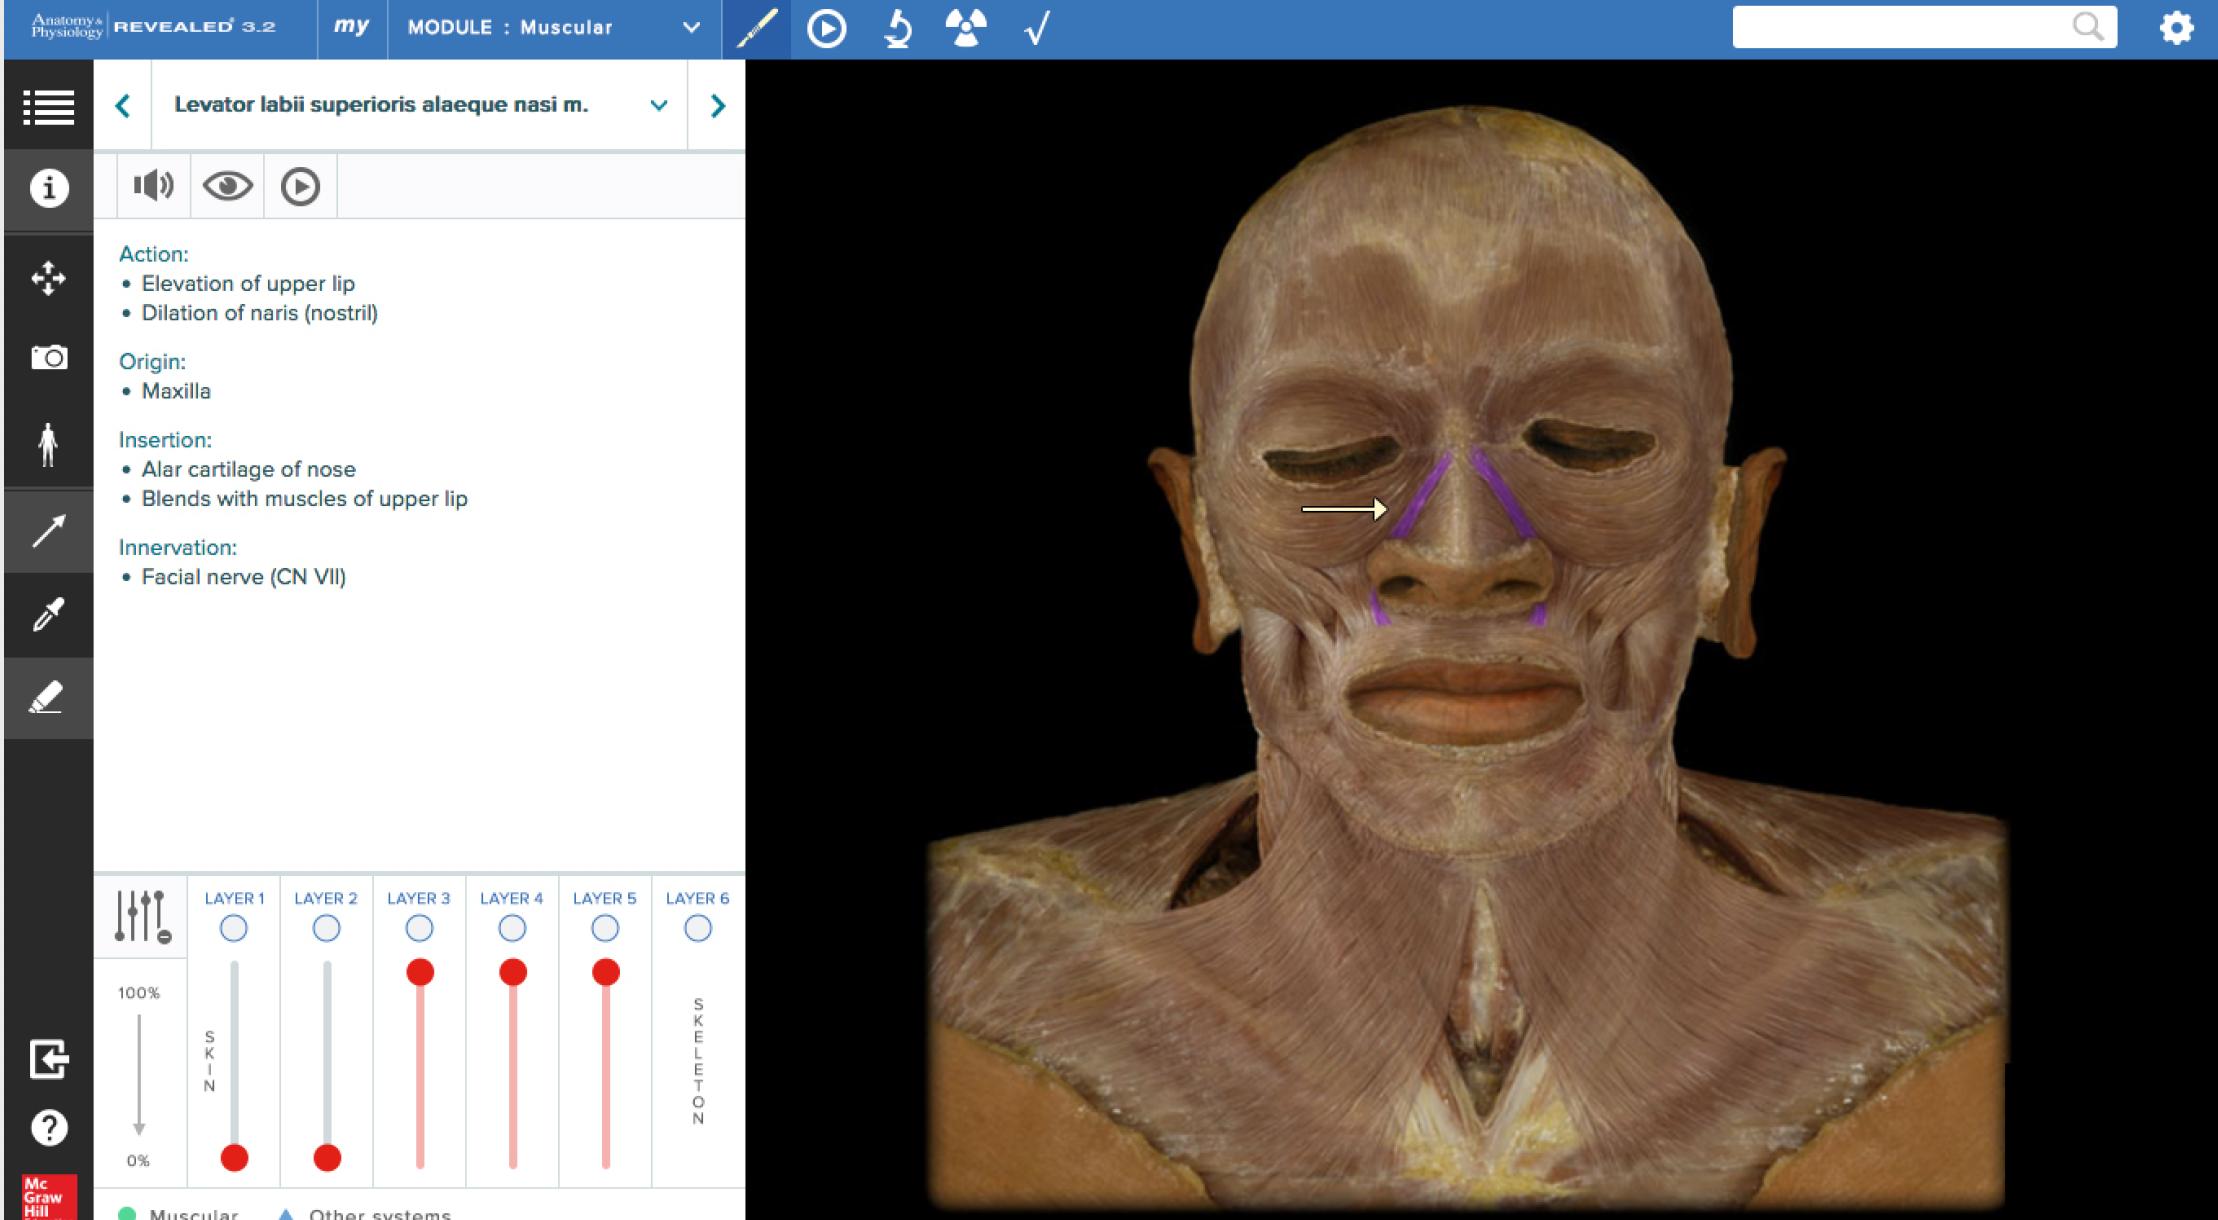 Anatomy & Physiology | REVEALED